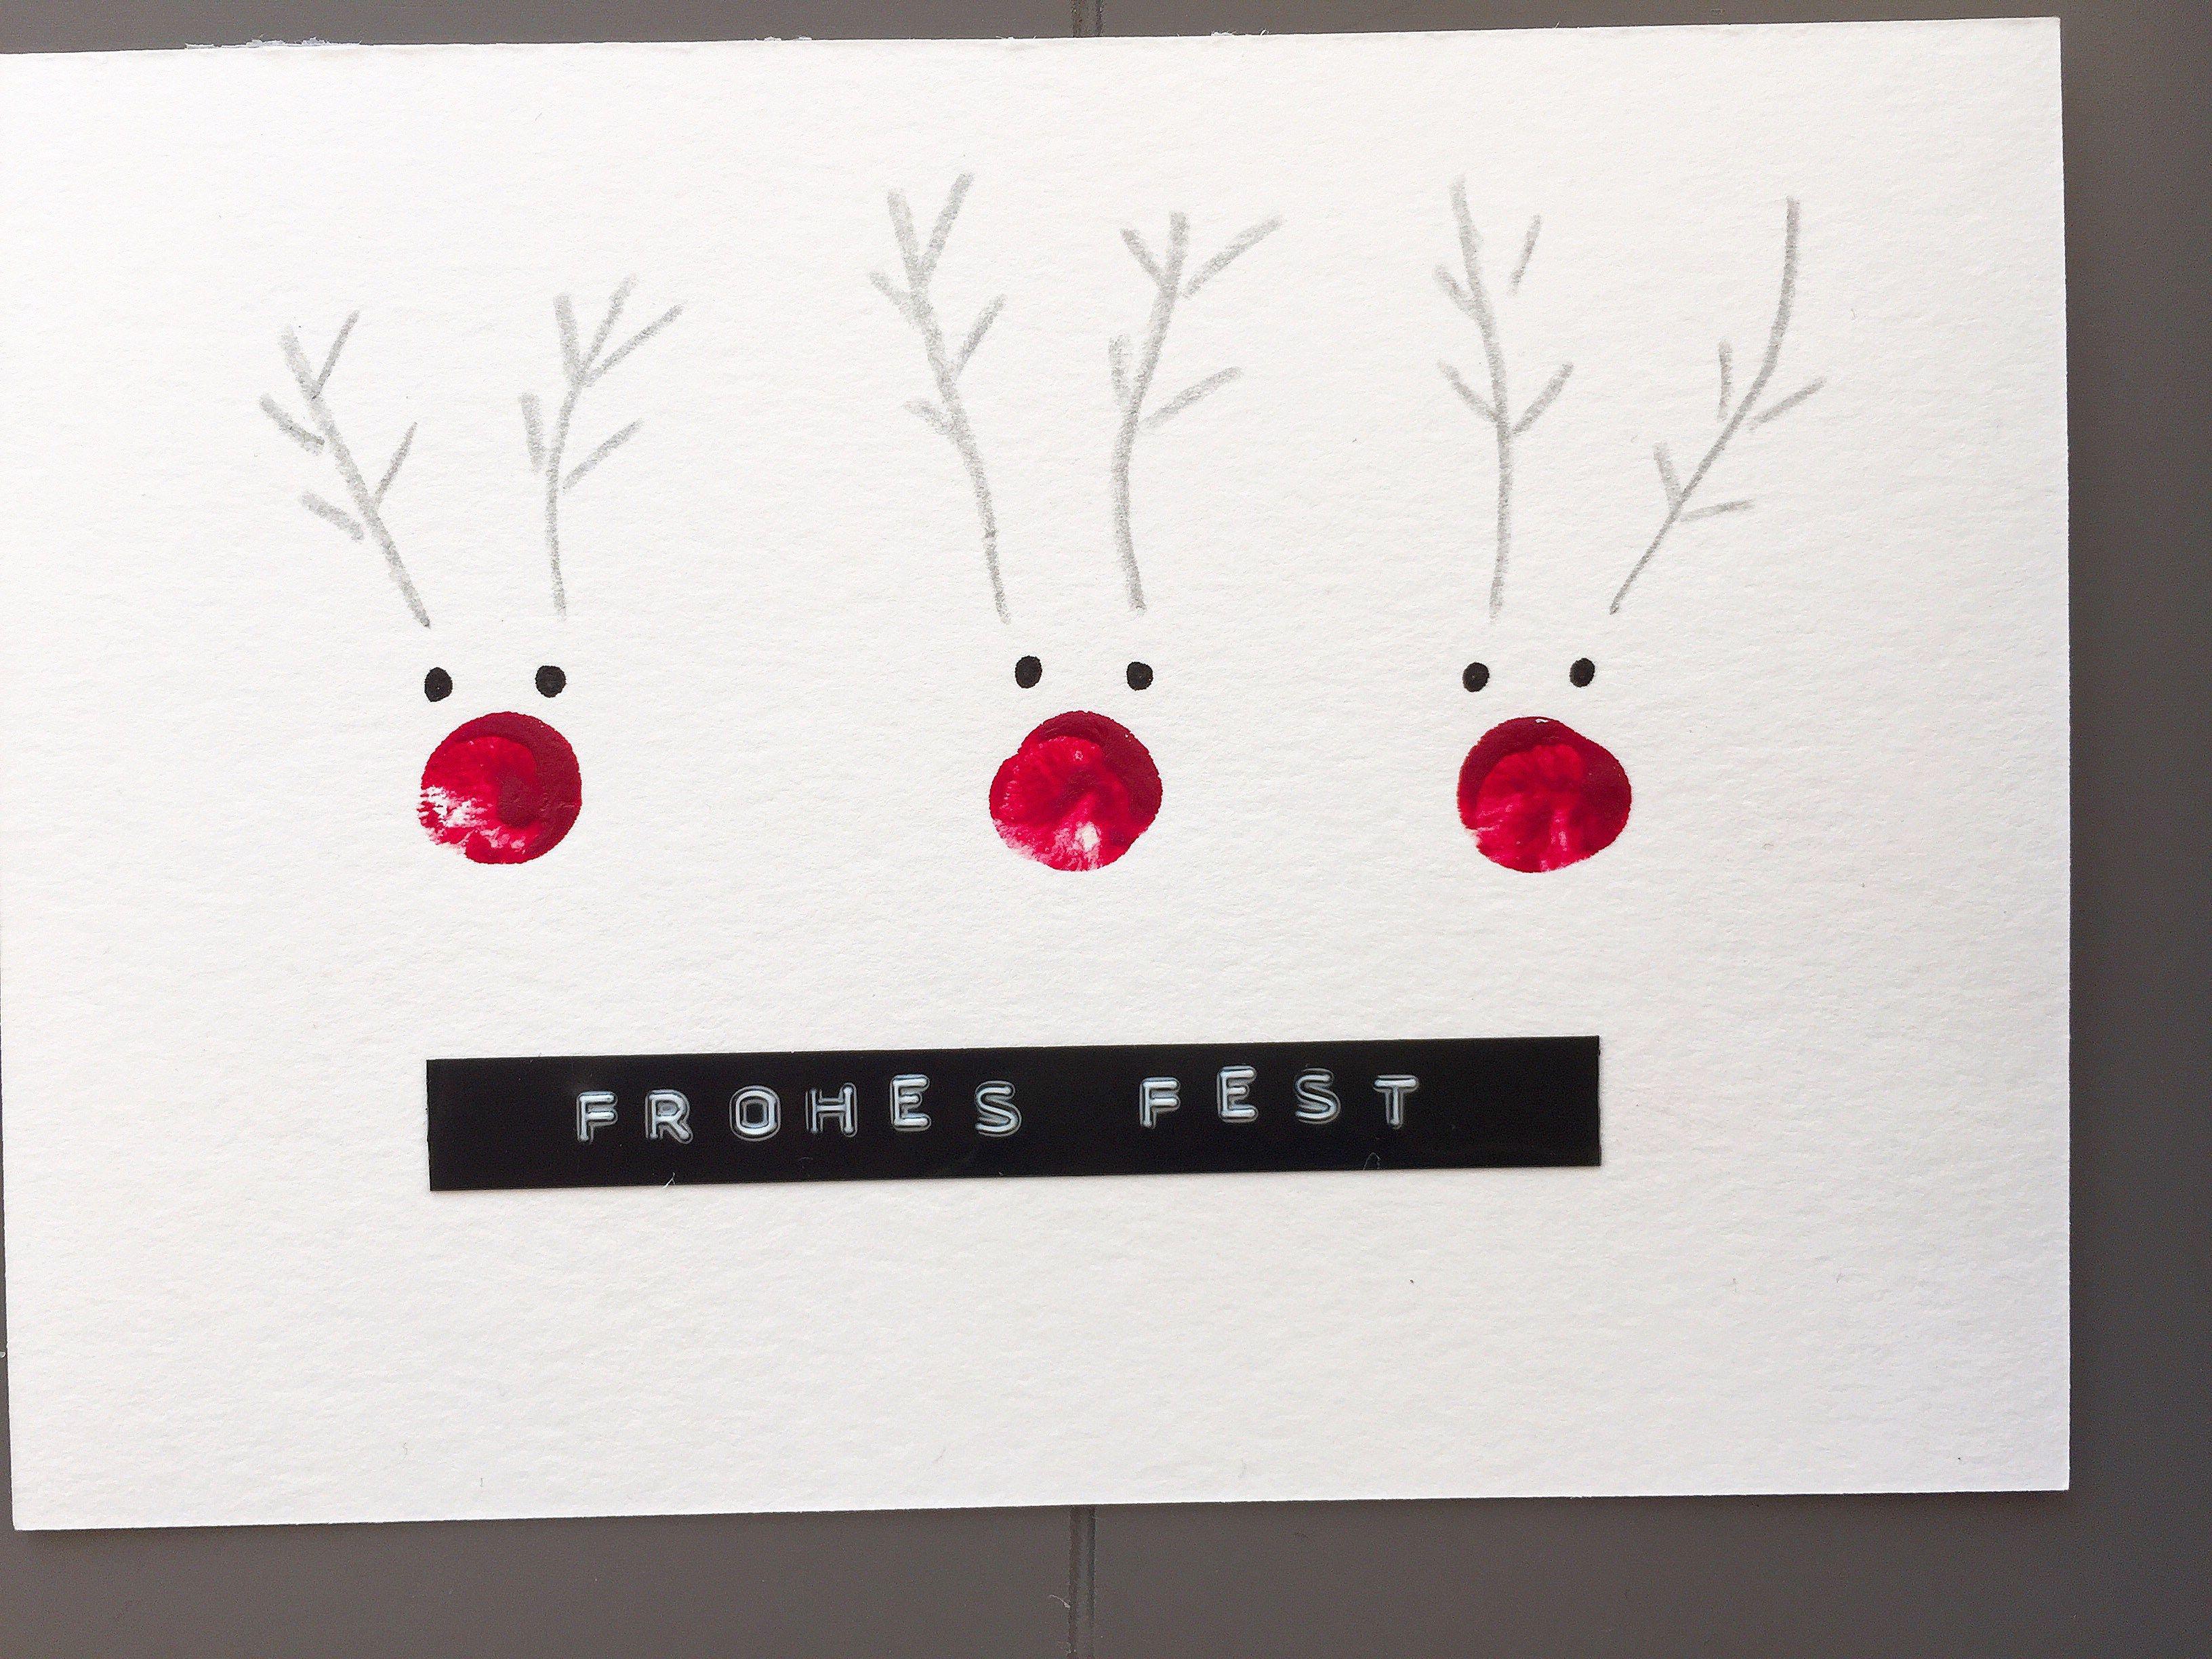 Besinnliche Weihnachten Bilder - Besinnliche Weihnachten Bilder